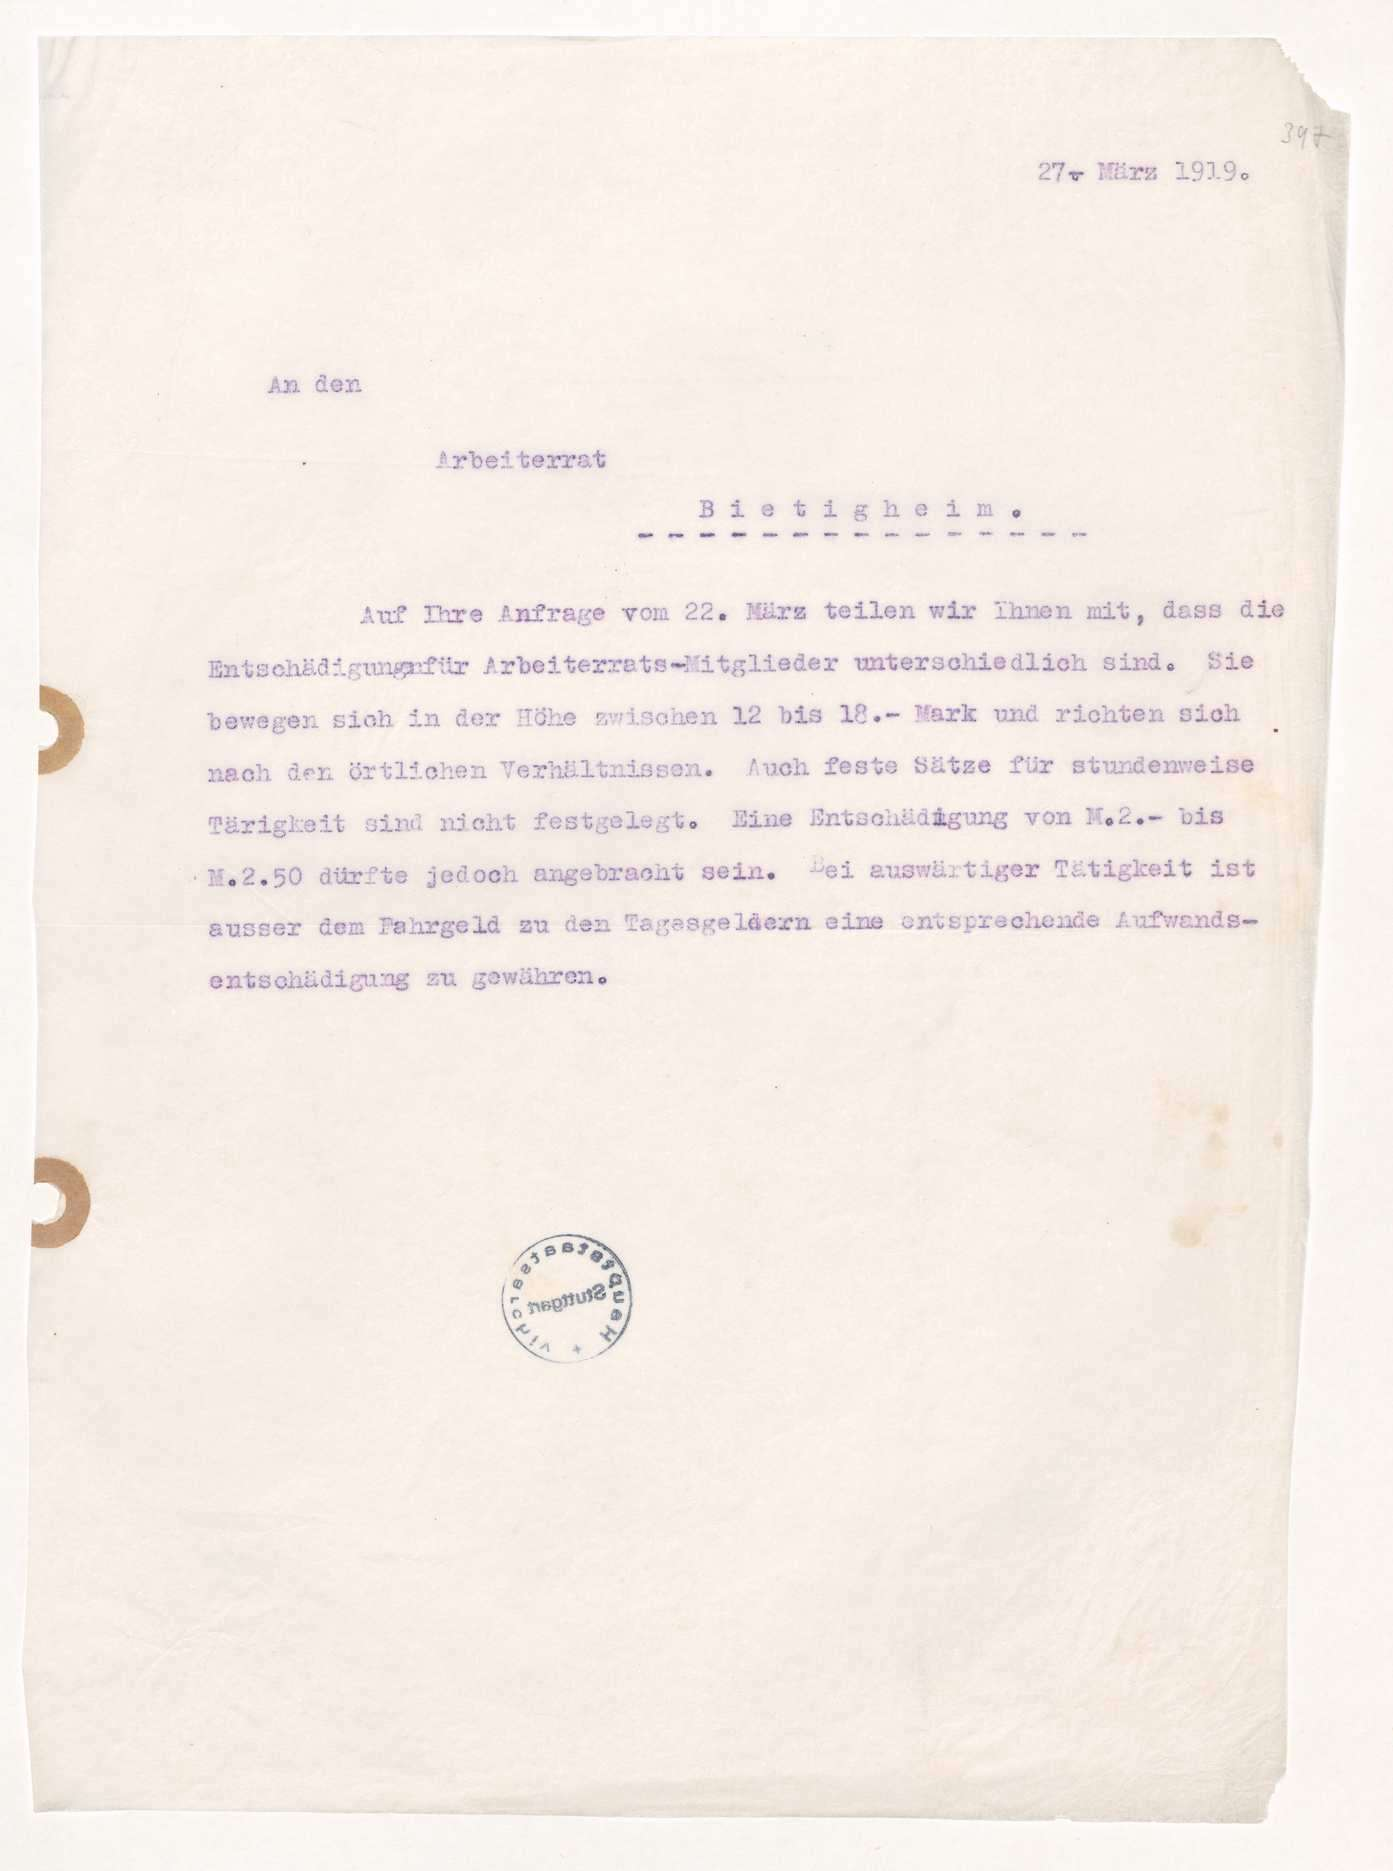 Finanzierung und Rechnungslegung örtlicher Arbeiter- und Bauernräte im Oberamt Besigheim, Bild 3